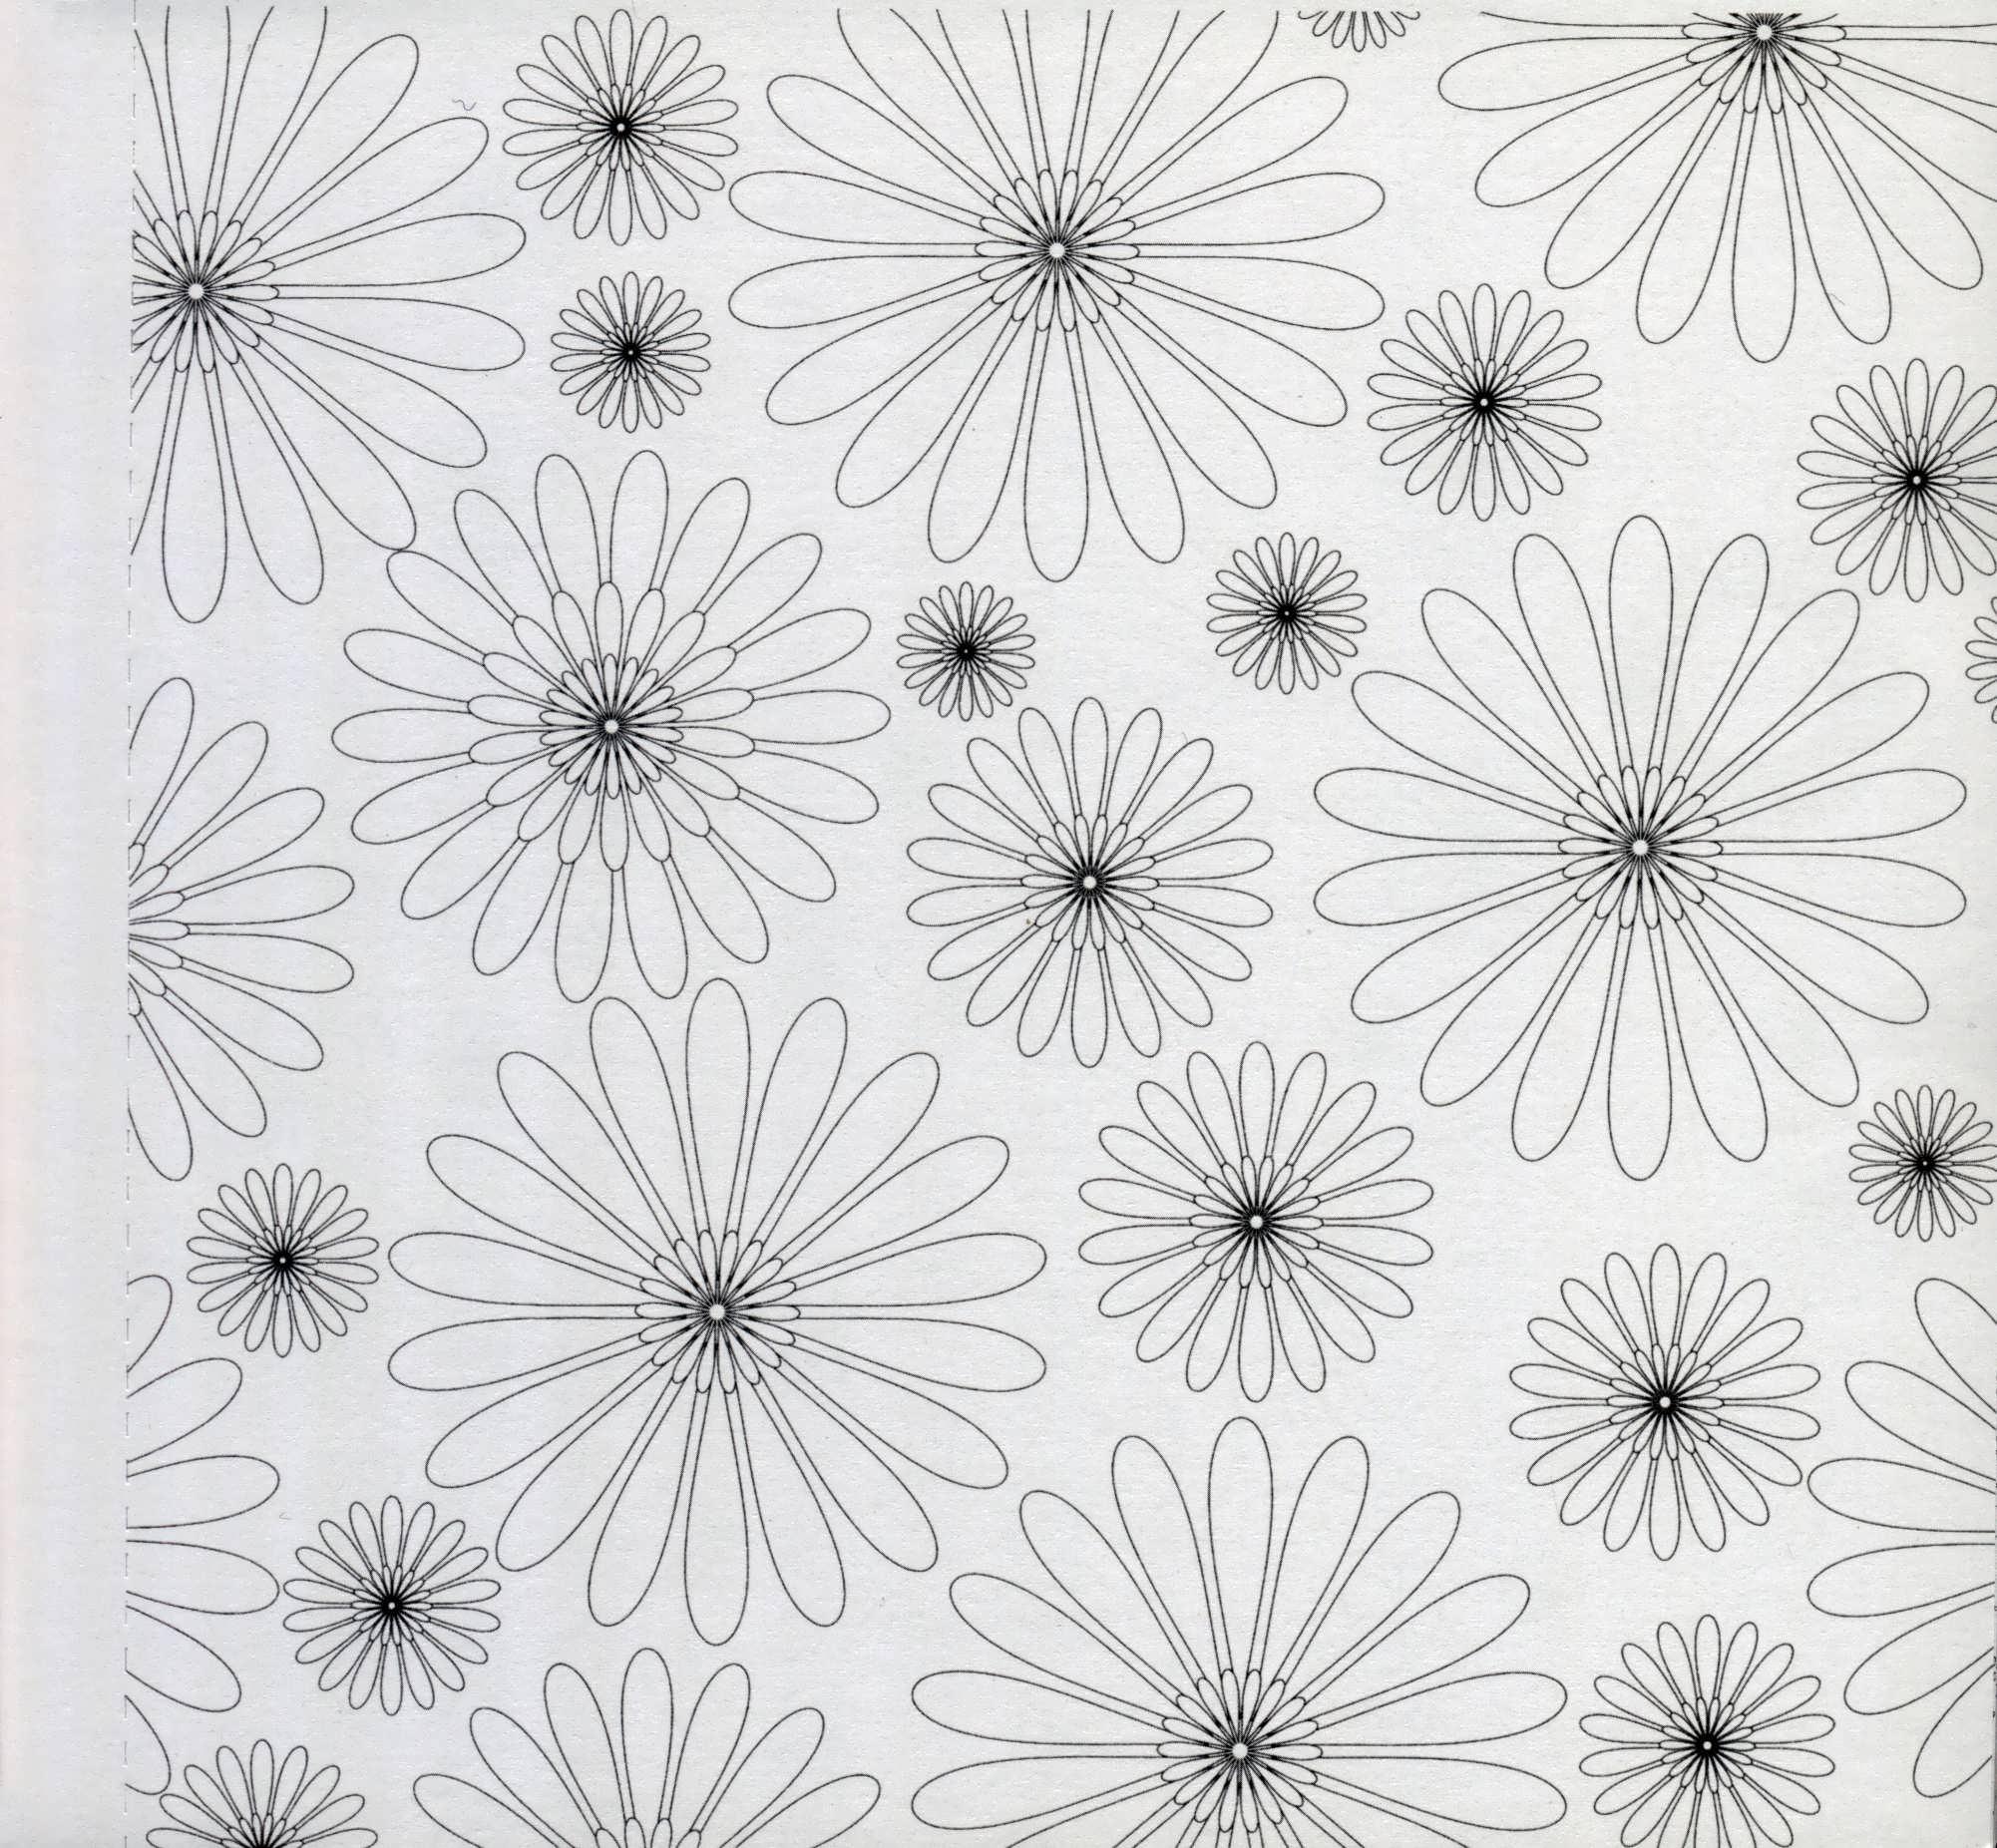 گلها (کتاب کوچک رنگ آمیزی بزرگسالان)